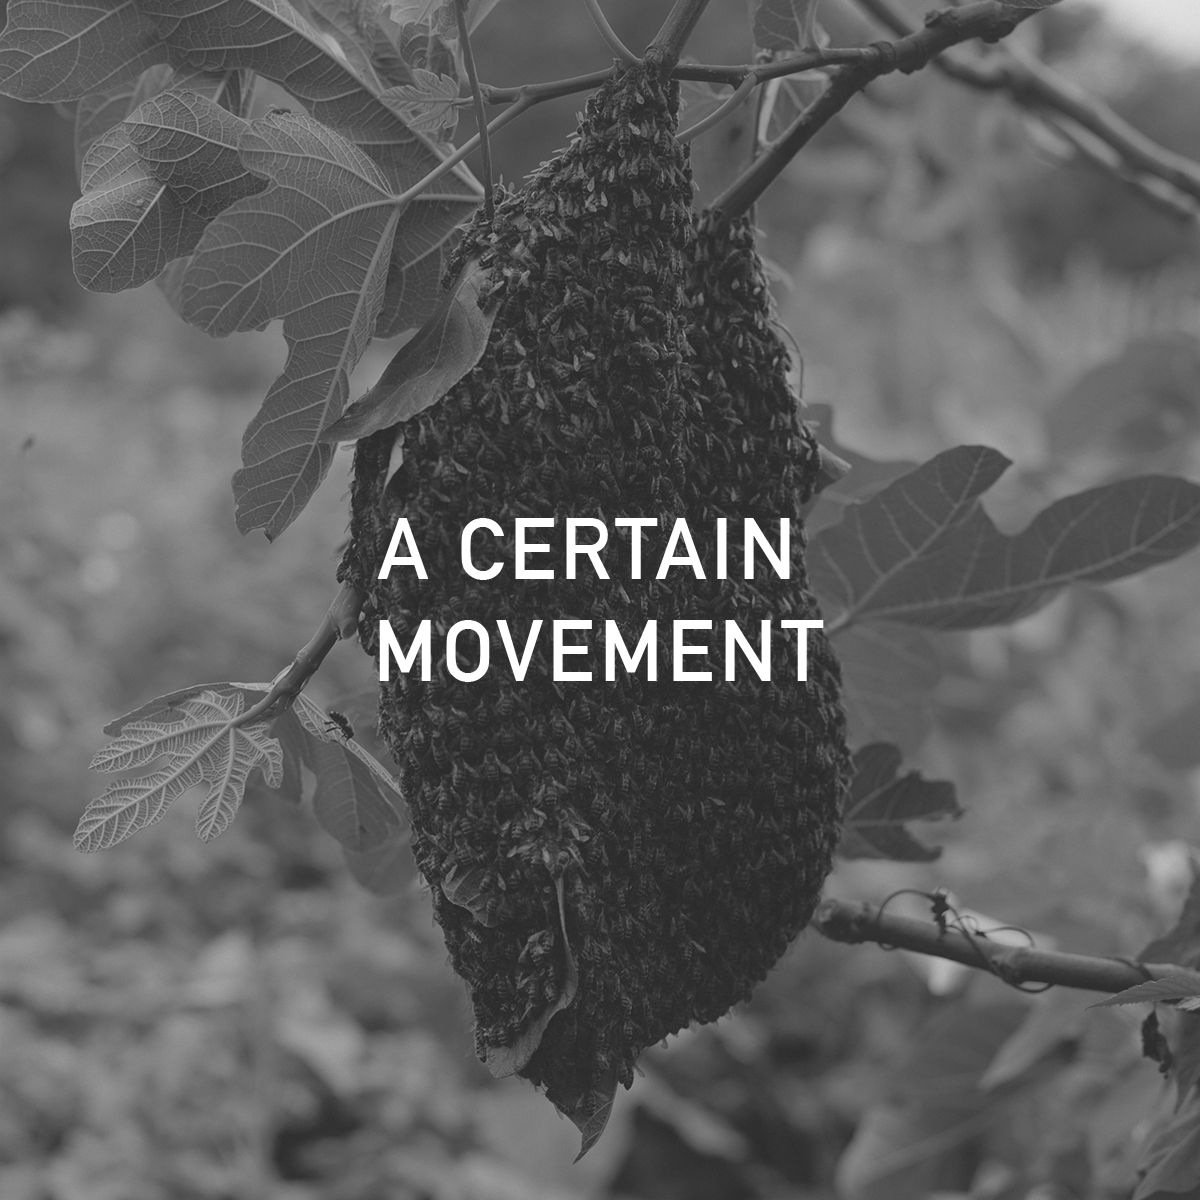 A CERTAIN MOVEMENT.jpg